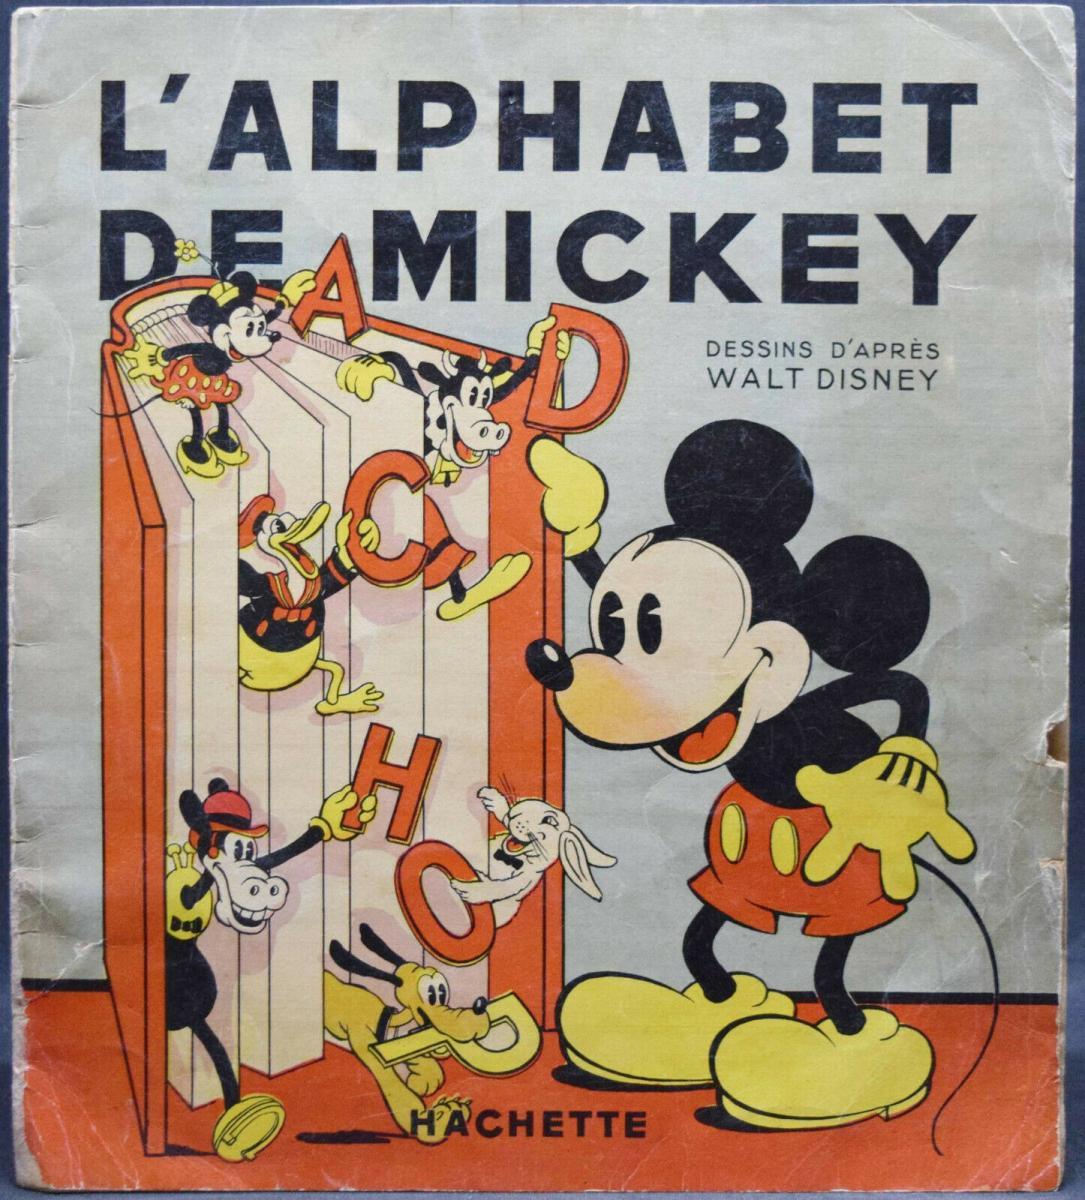 WALT DISNEY - L' ALPHABET DE MICKEY - ERSTAUSGABE 1936 - MICKY MAUS - ABC-BUCH 0